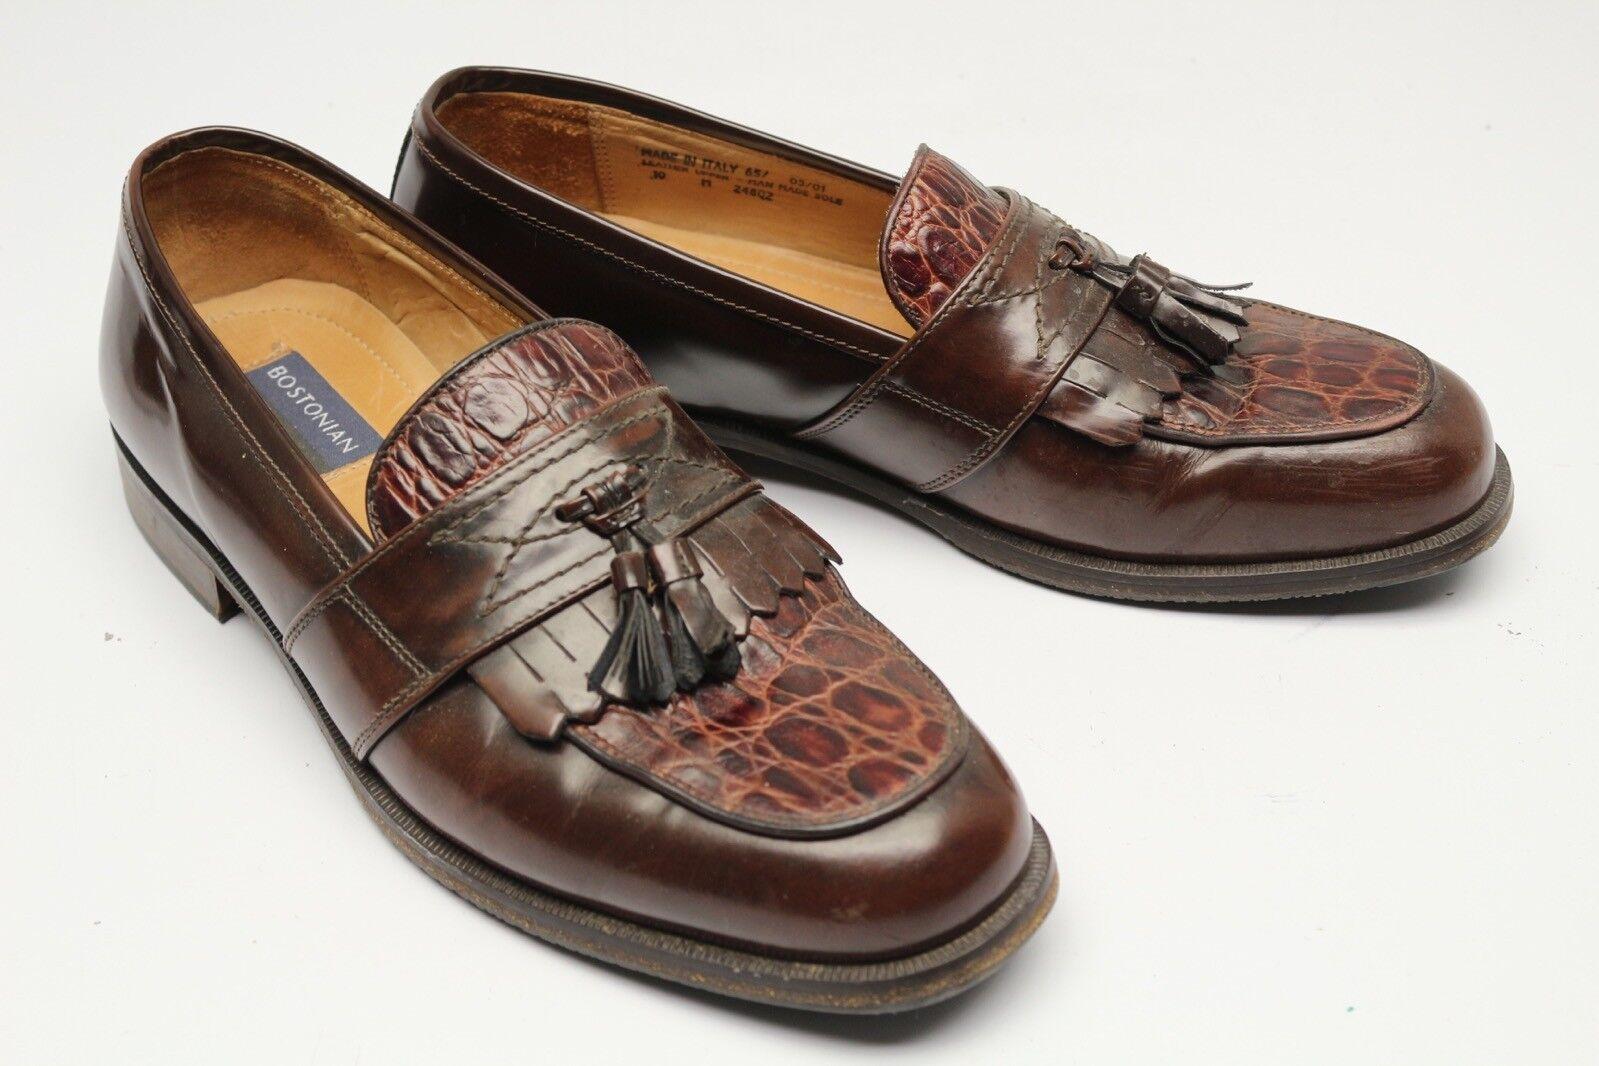 Bostonian Florentine Herren Schuhe 10 M Braun Krokoprägung Troddel Kiltie